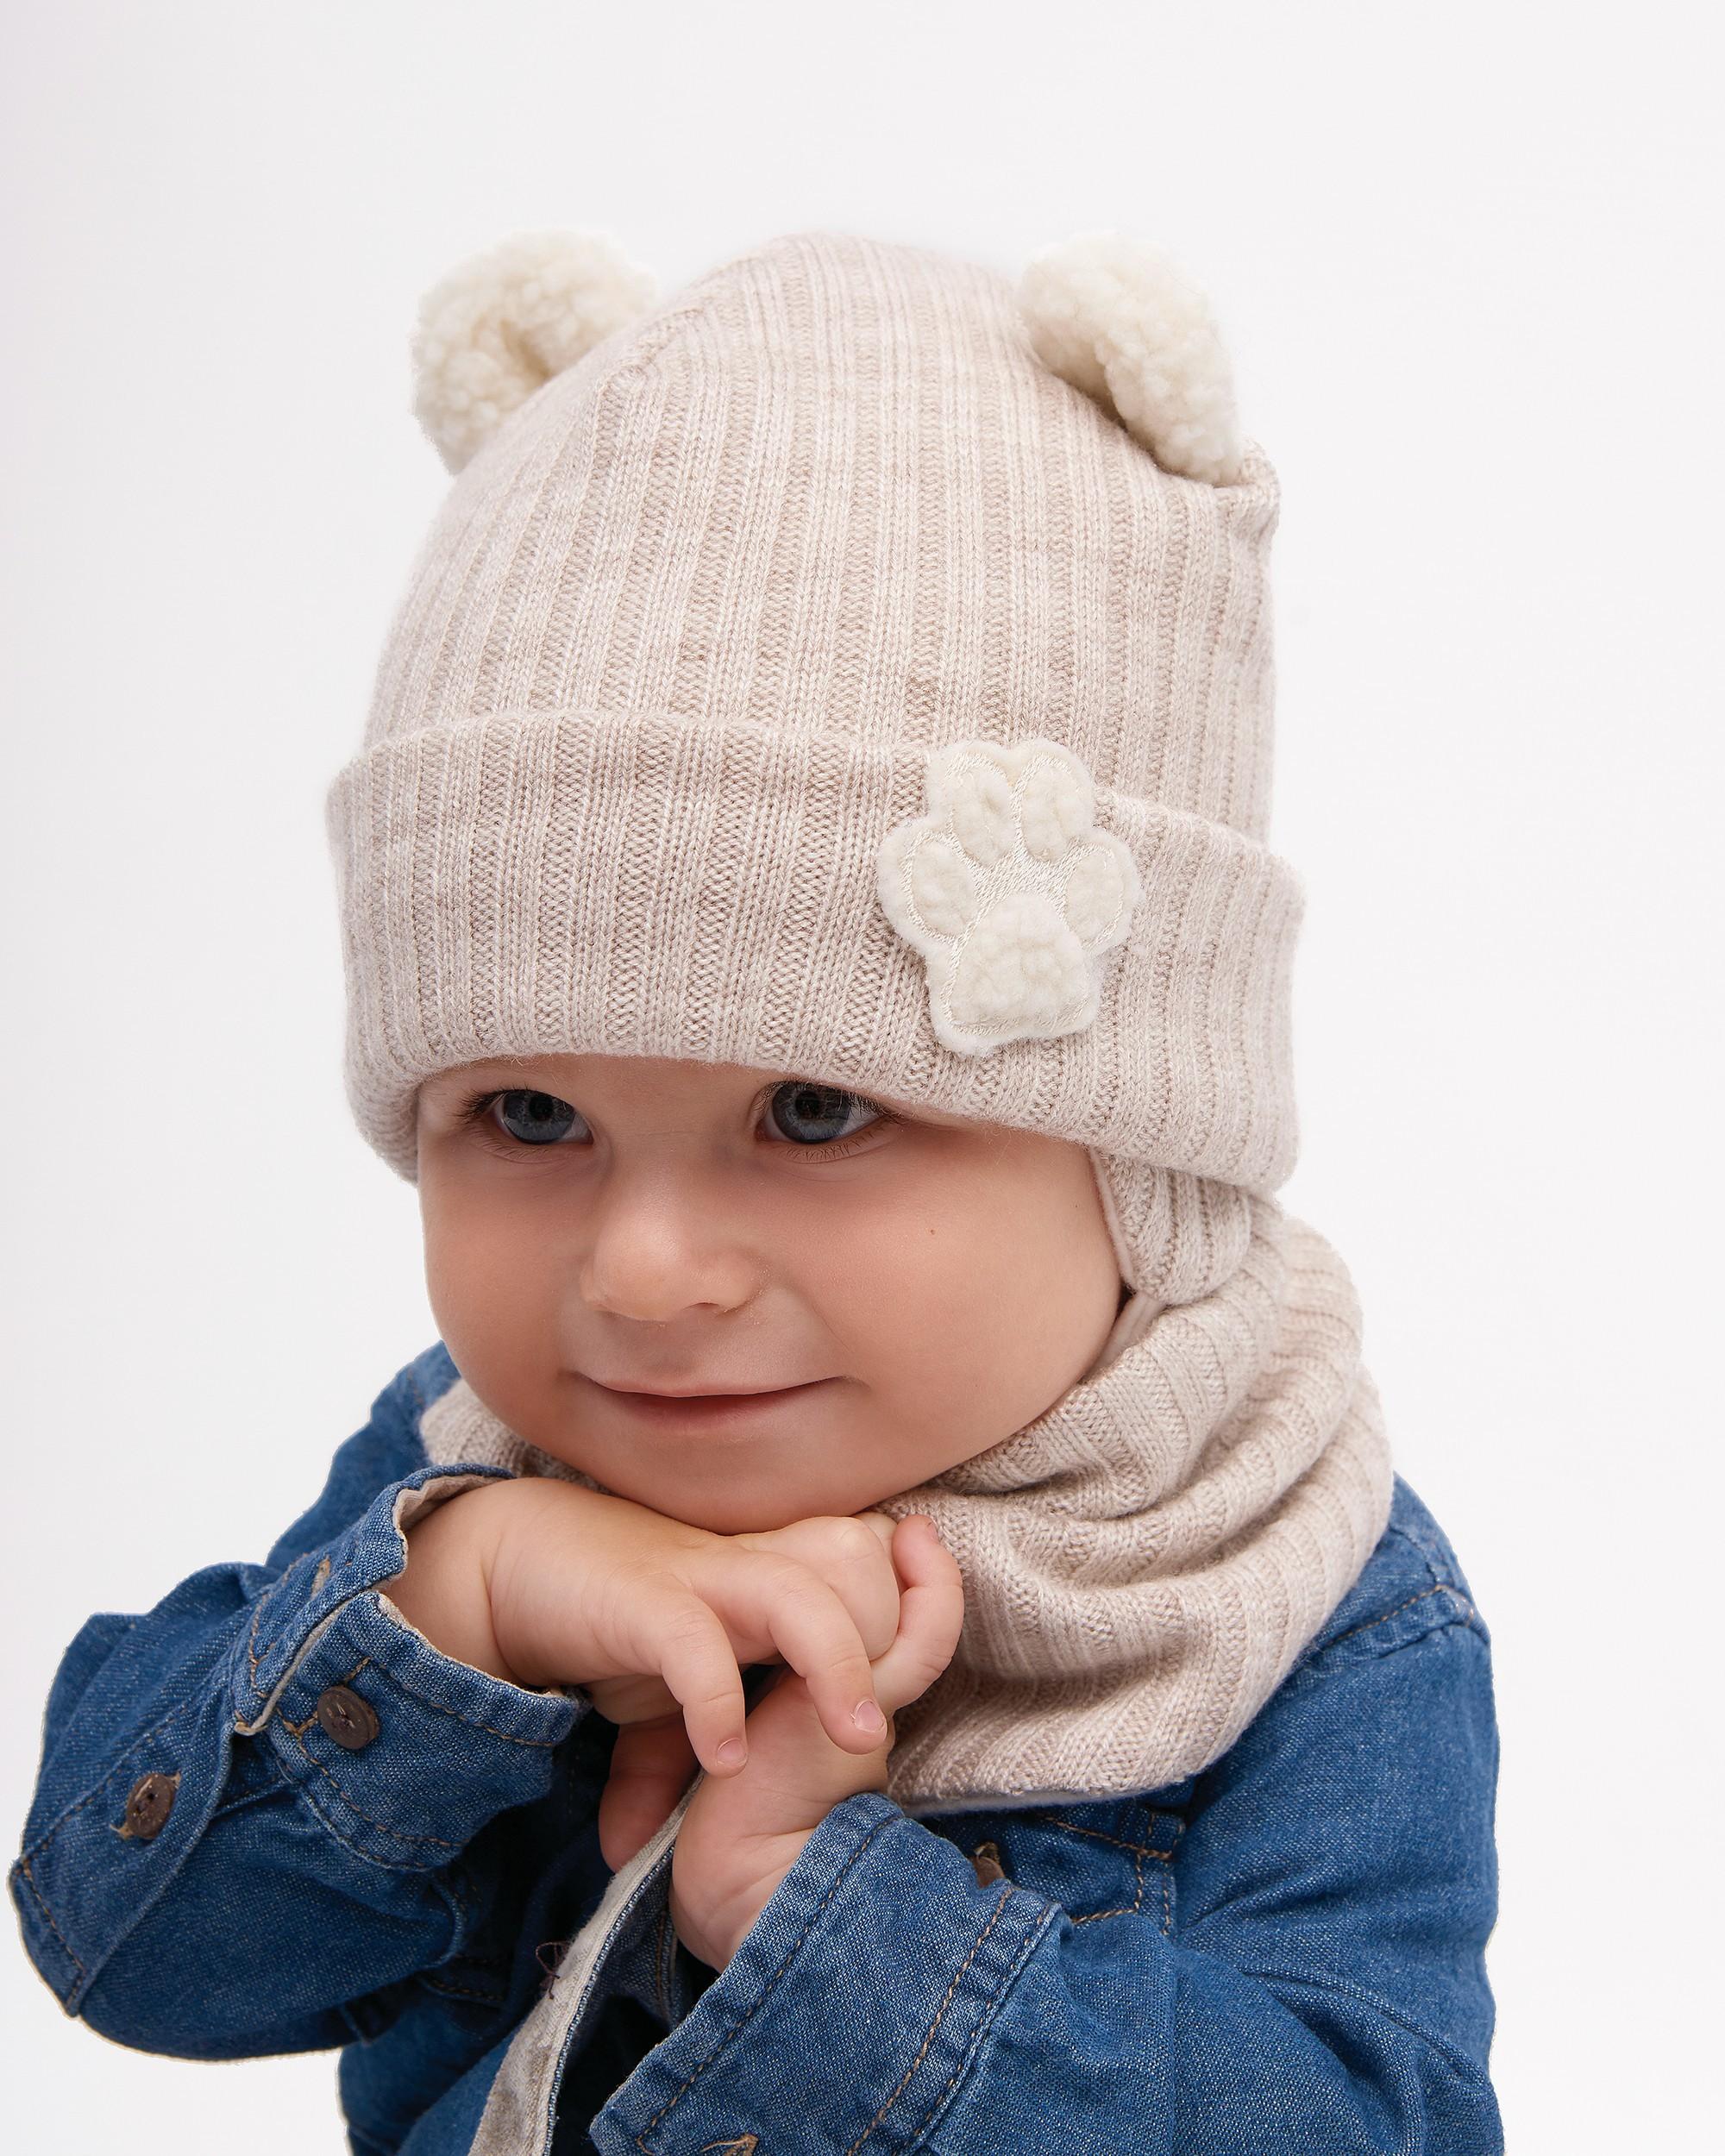 Зимняя шапка и манишка для мальчика